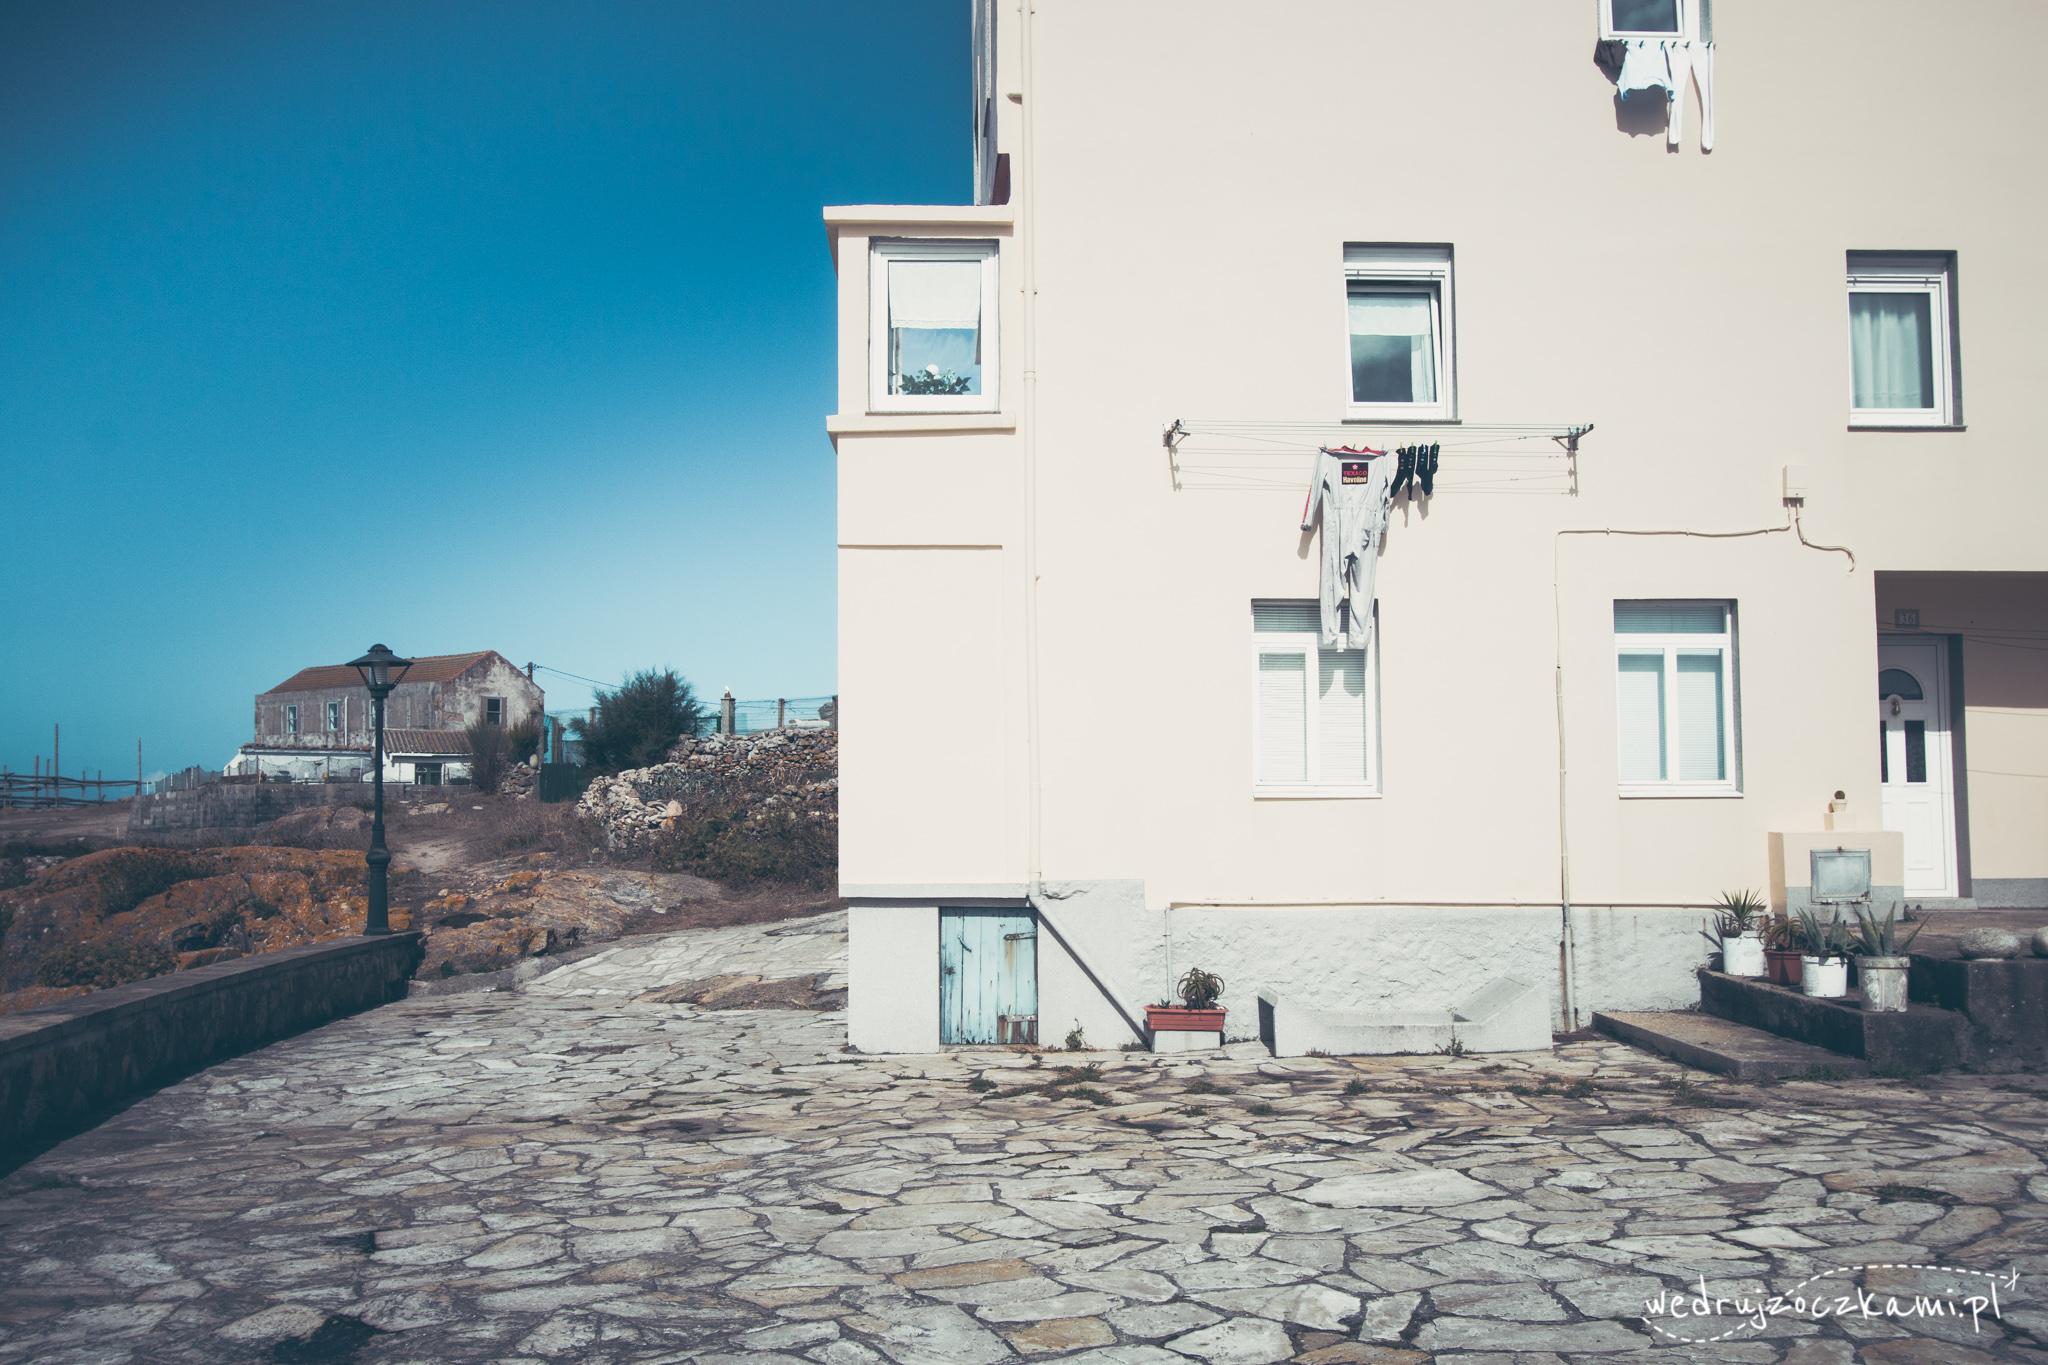 Porozwieszanie pranie w Hiszpanii